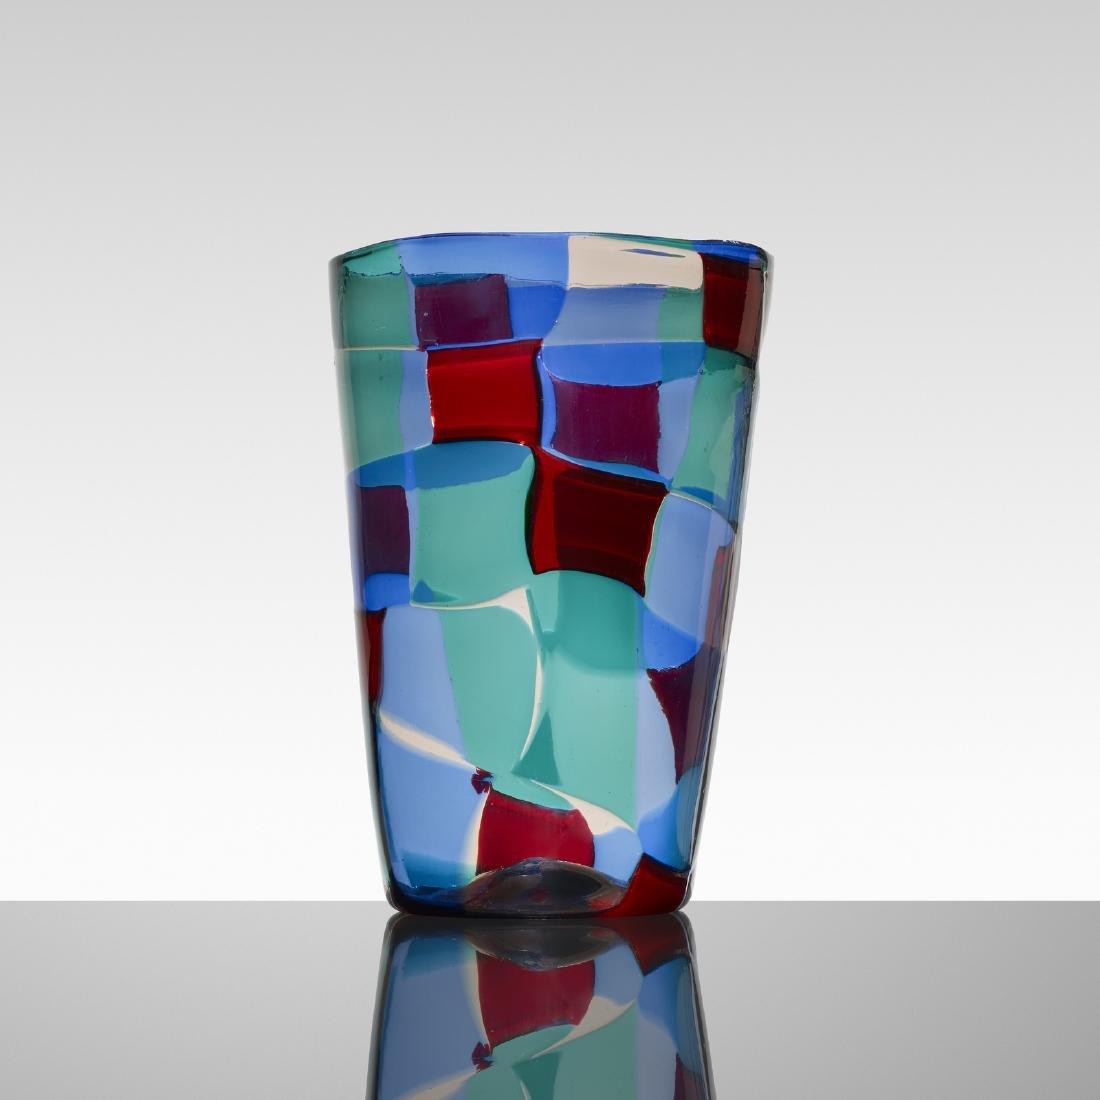 Fulvio Bianconi, Pezzato vase, model 1329